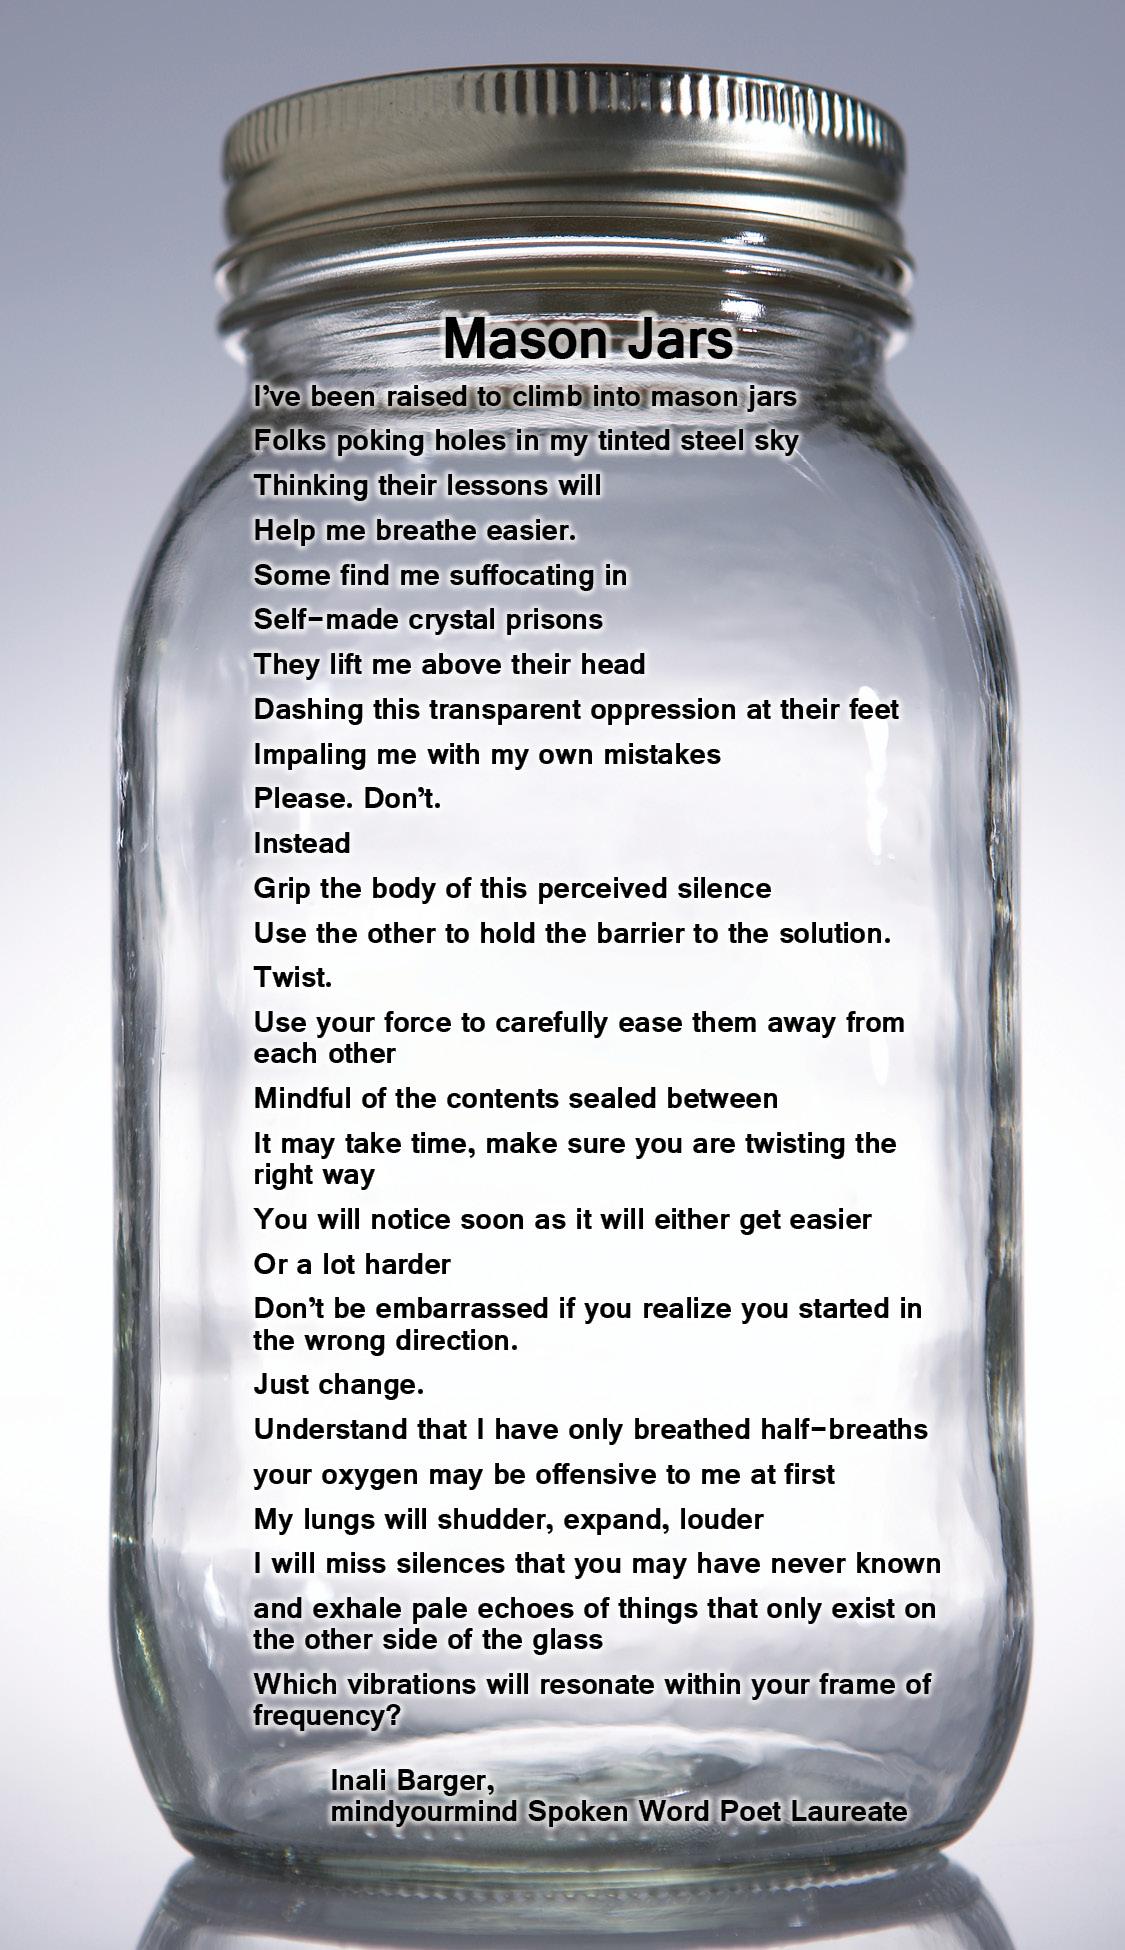 Mason Jars poem